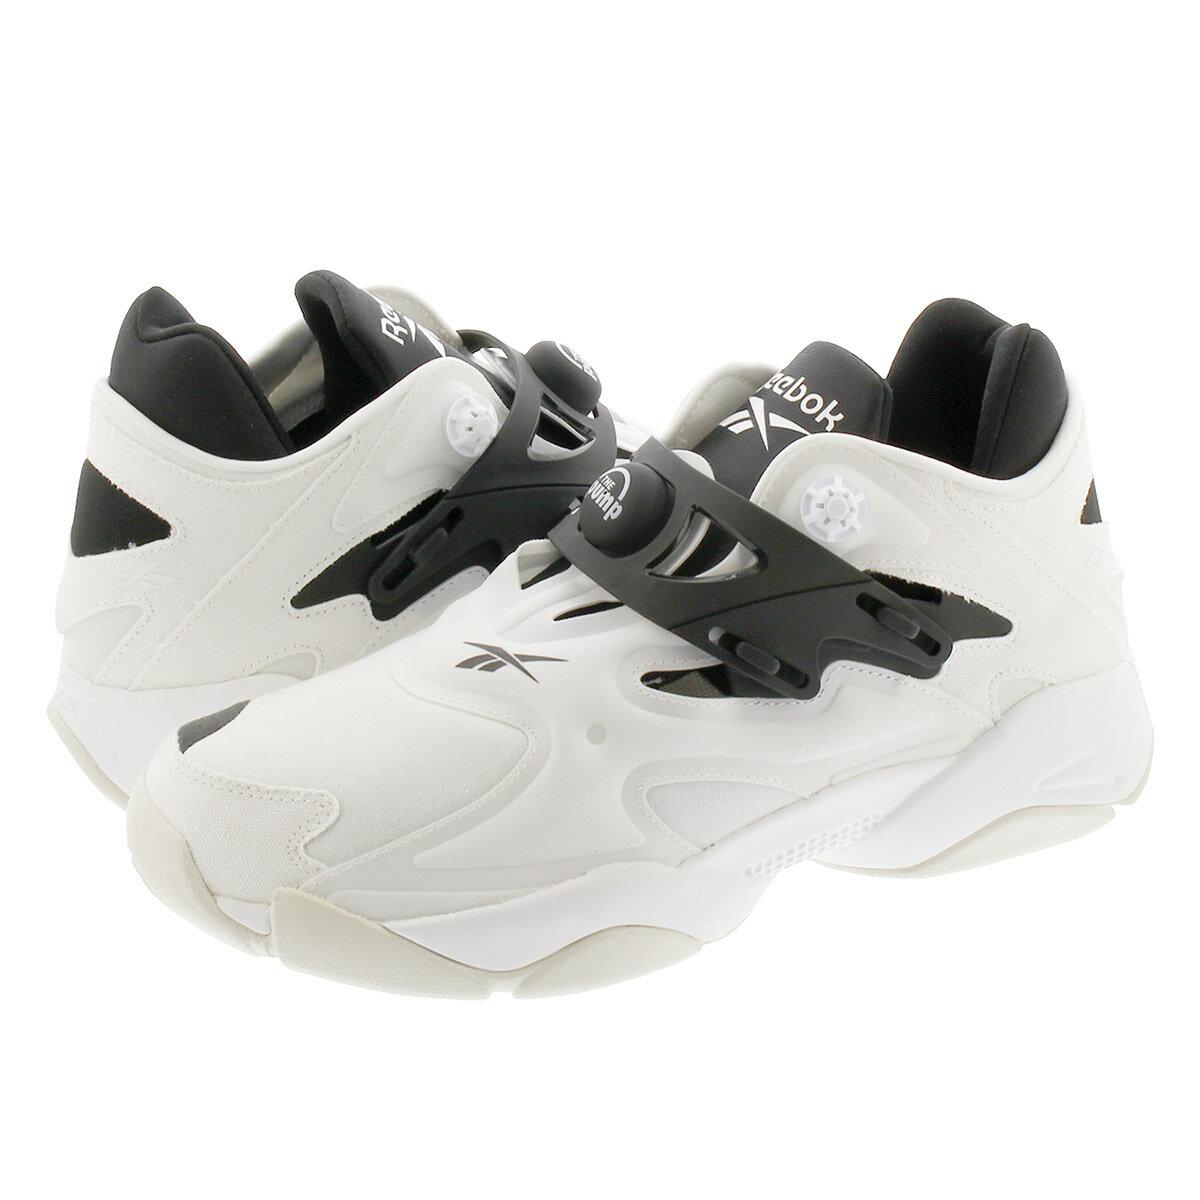 メンズ靴, スニーカー Reebok PUMP COURT WHITEBLACKTRUE GREY fw7817